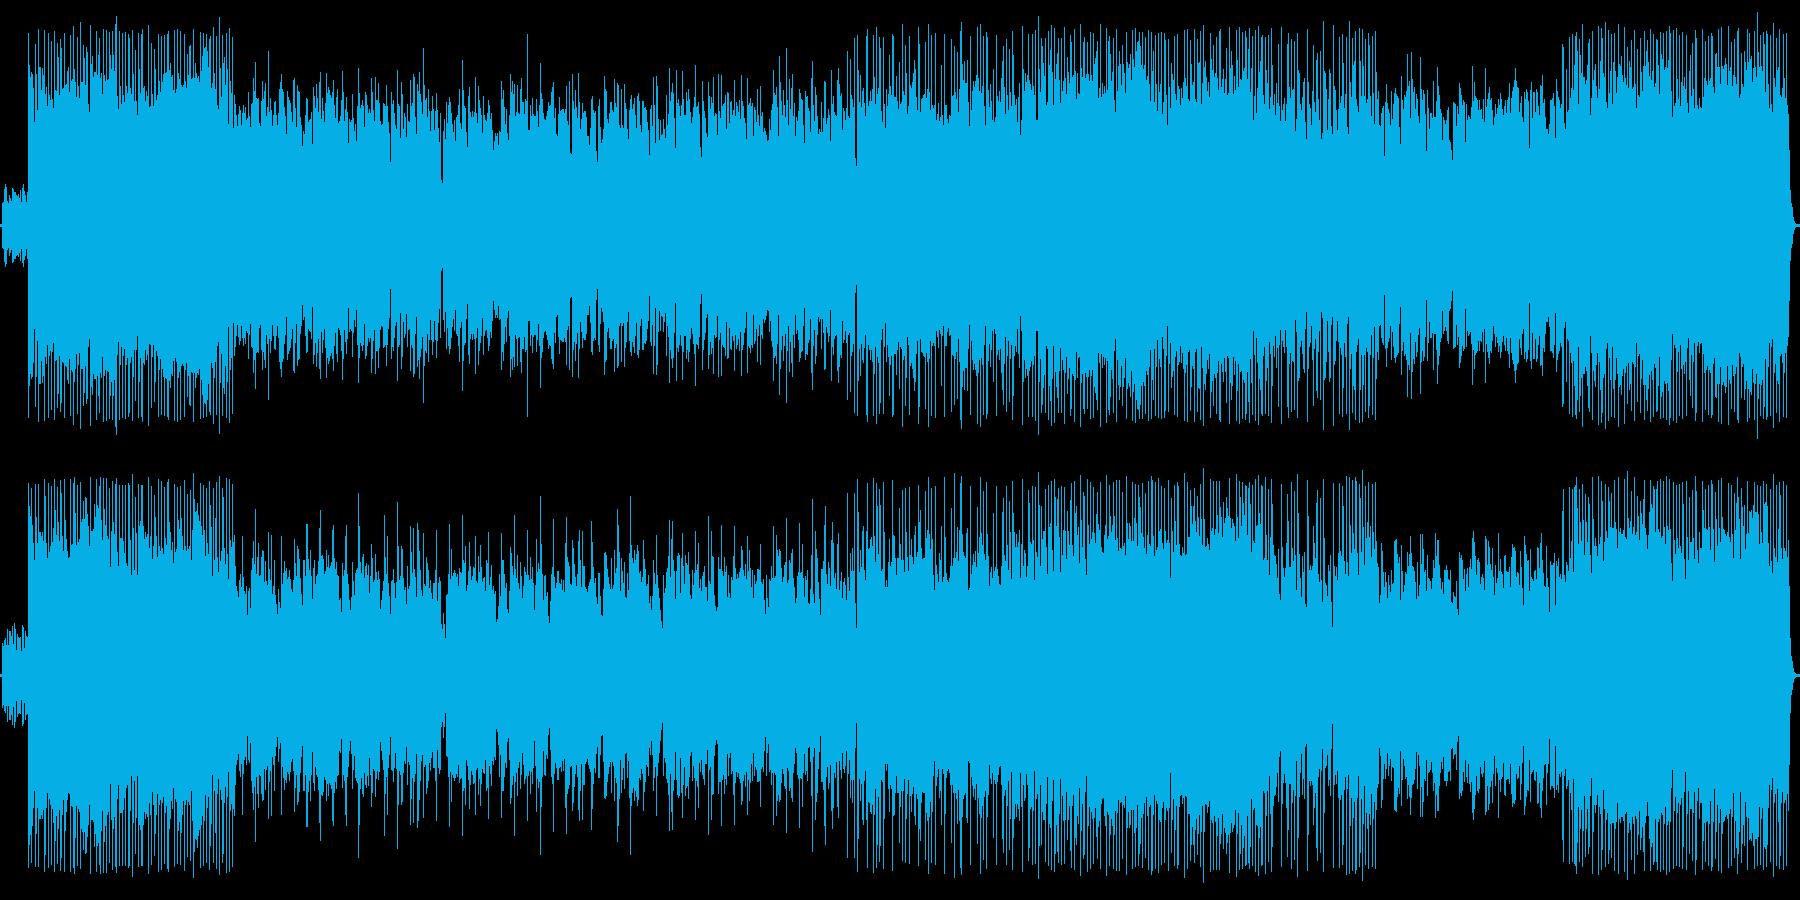 ピアノが印象的なオリエンタル風バラードの再生済みの波形